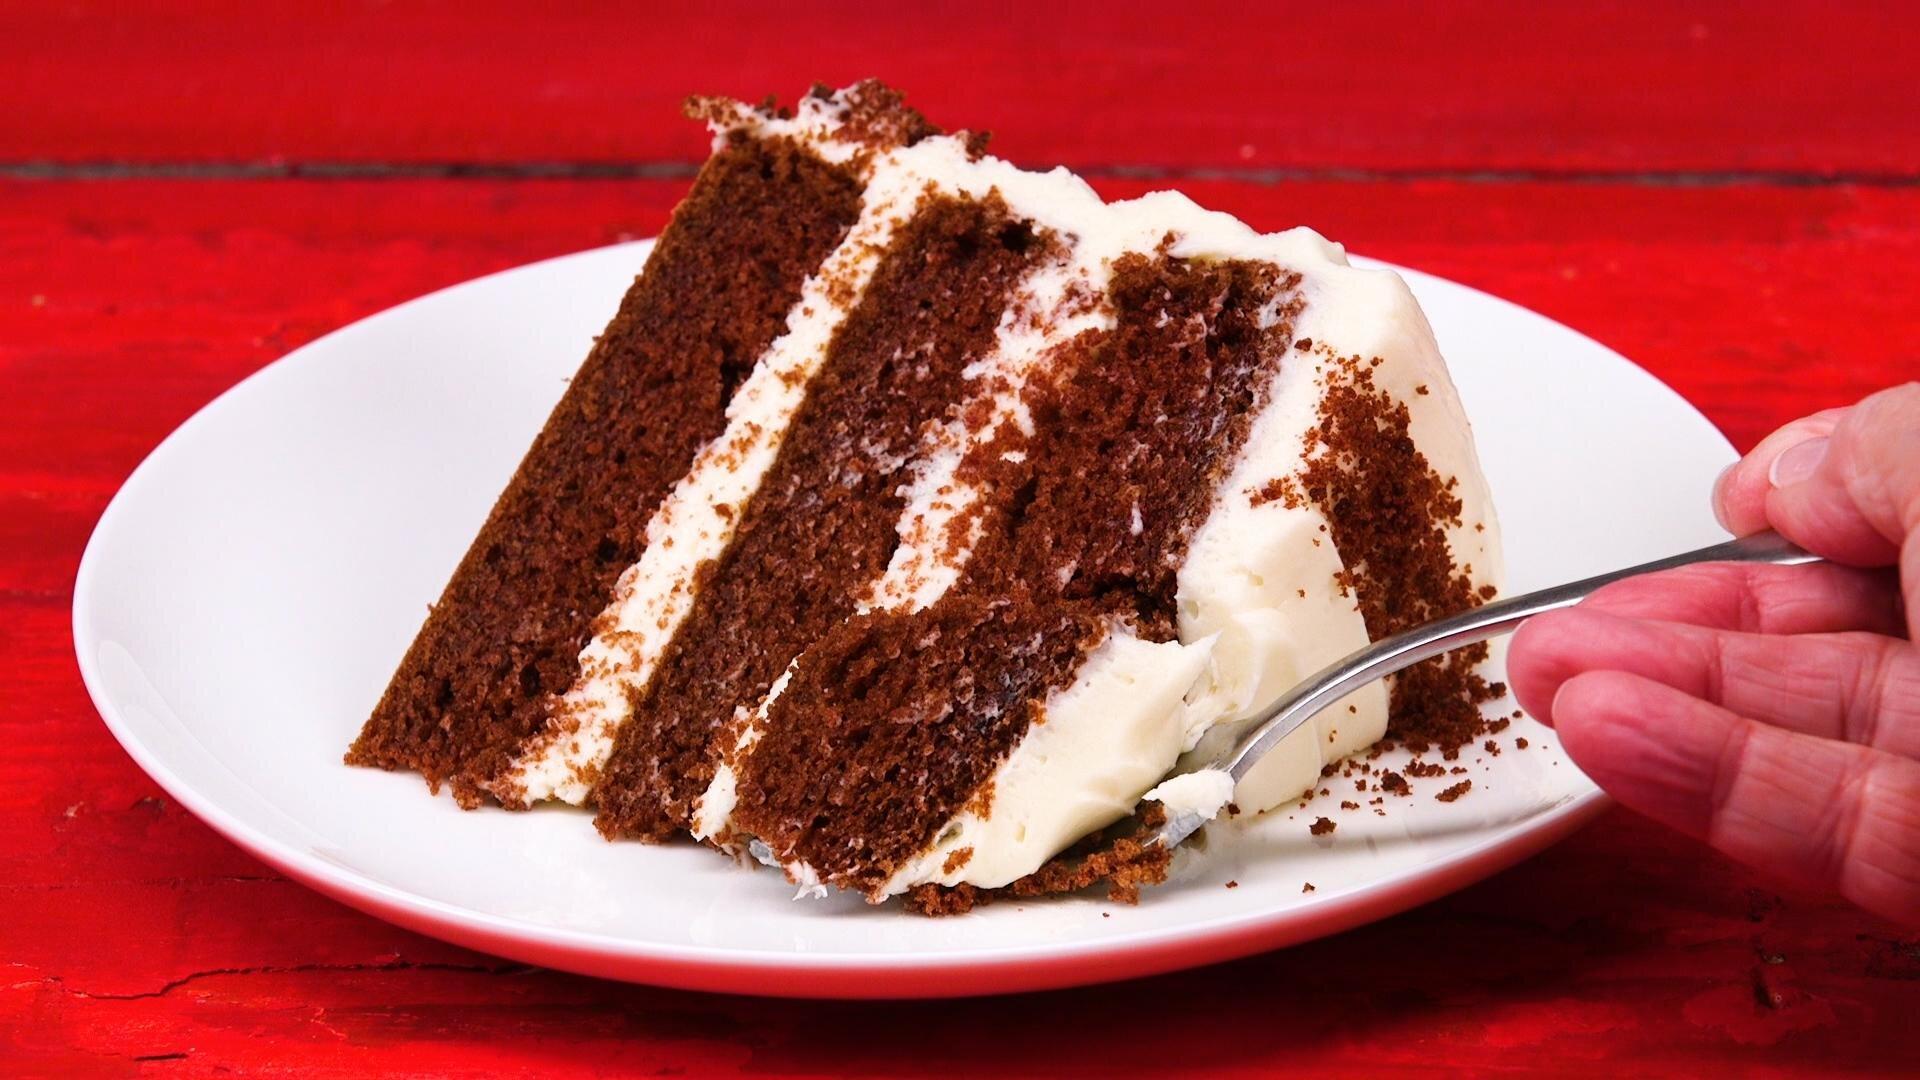 How to Make Brown Velvet Cake